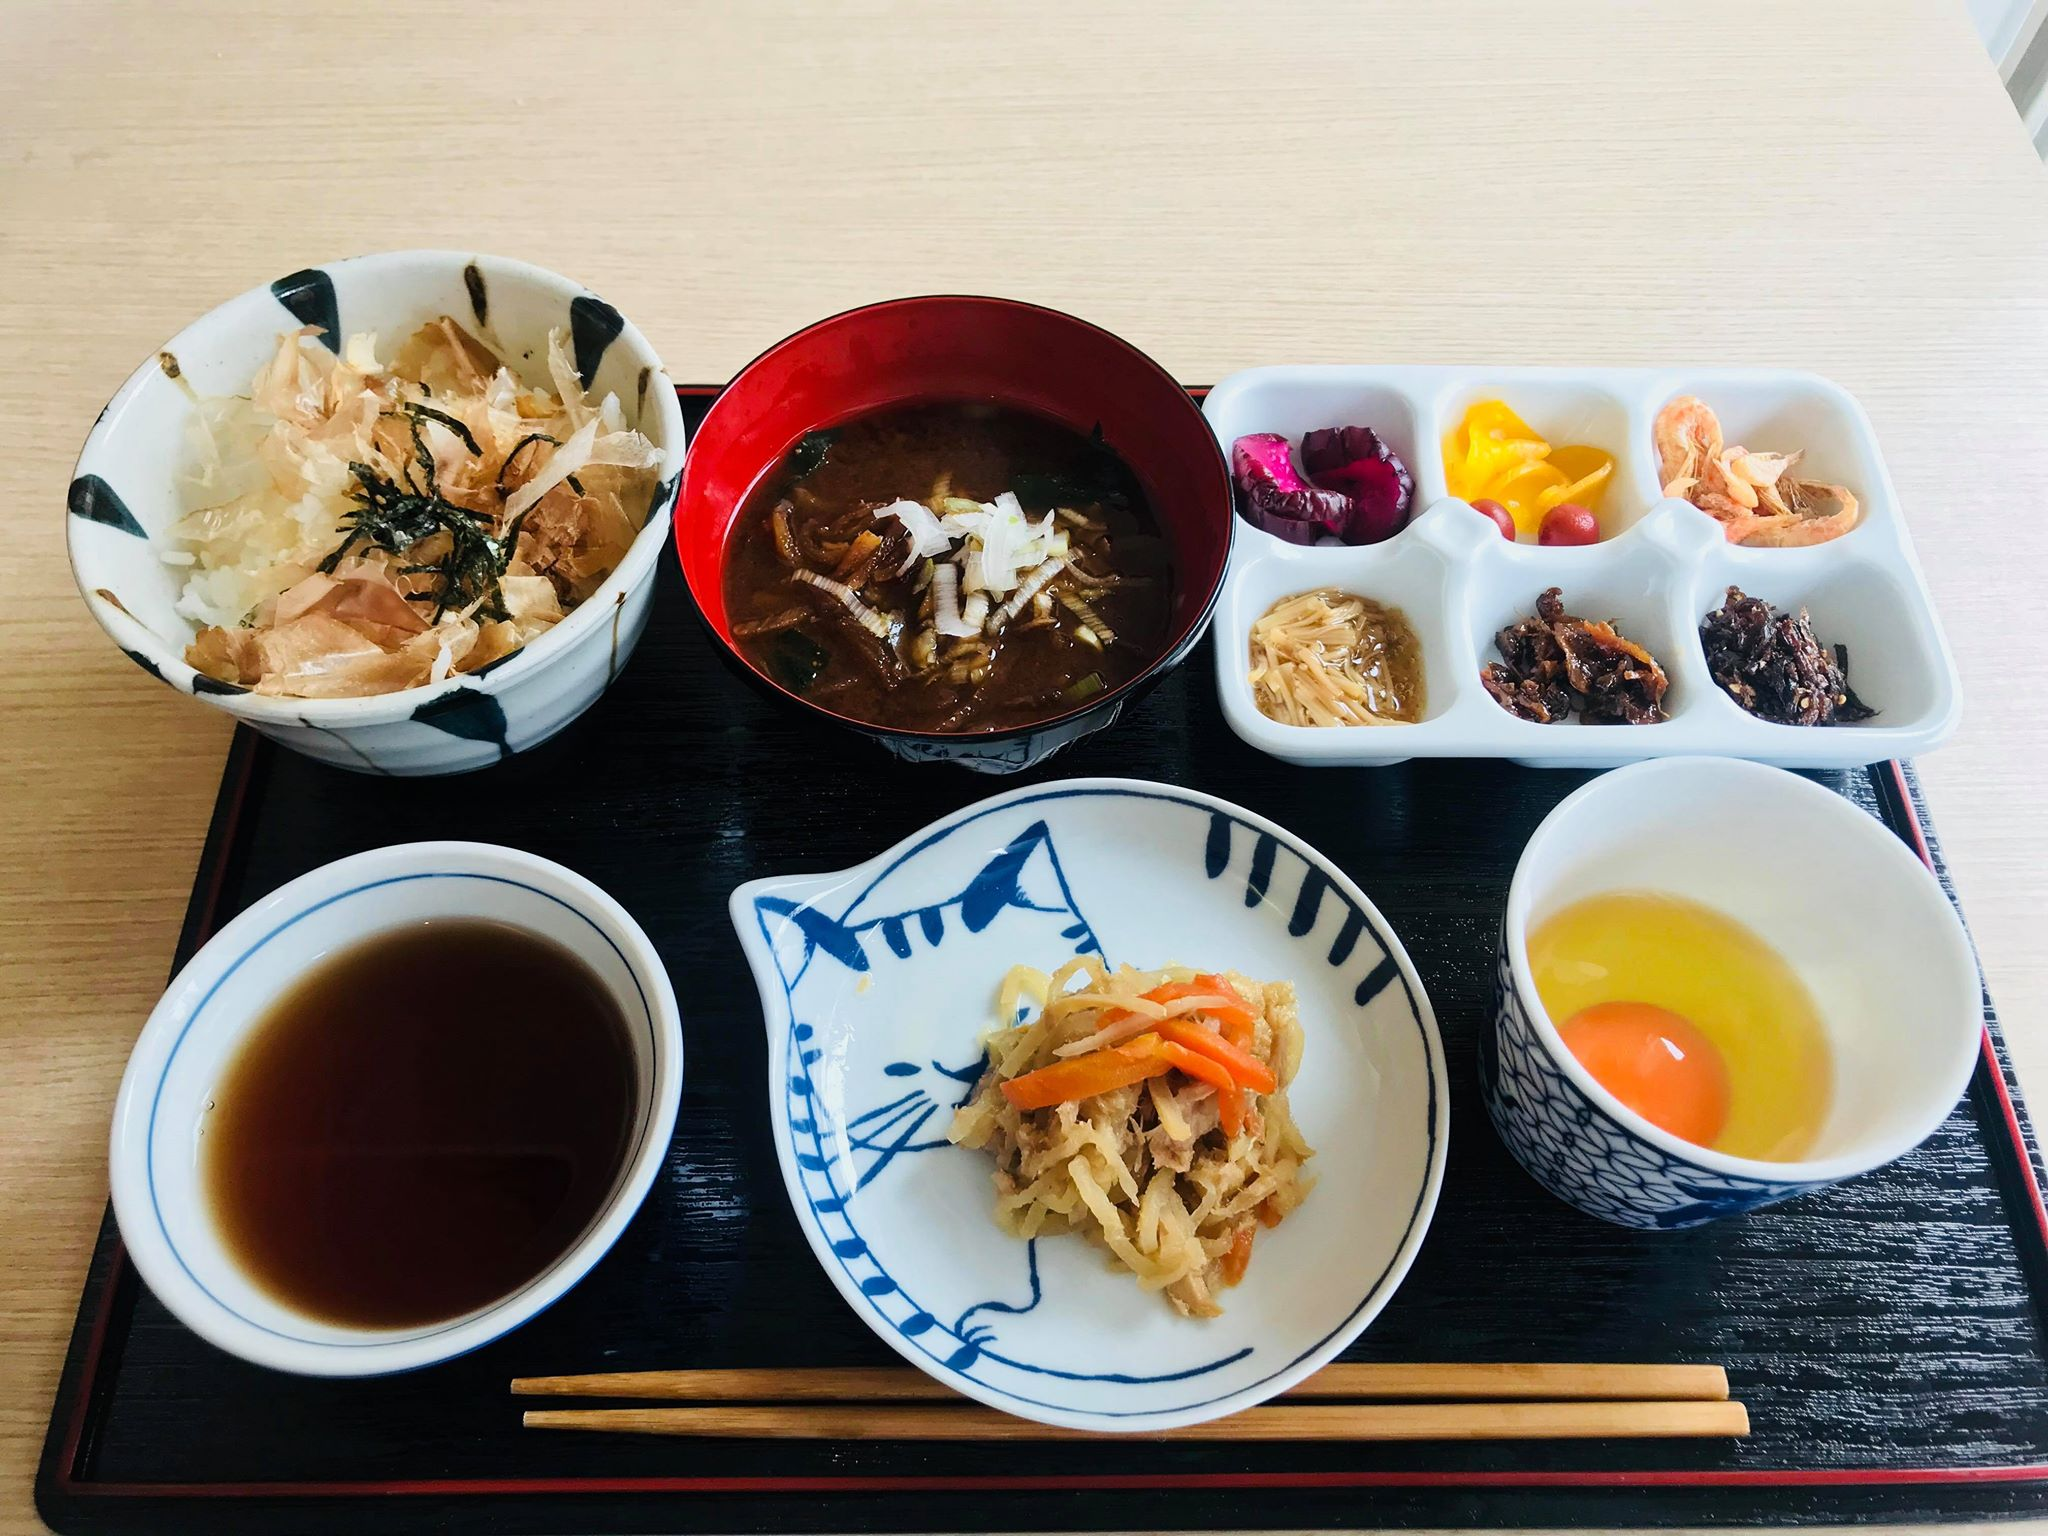 ねこまんまや定食を食べて猫助け!岐阜市に「さび食堂」がオープン - sub12